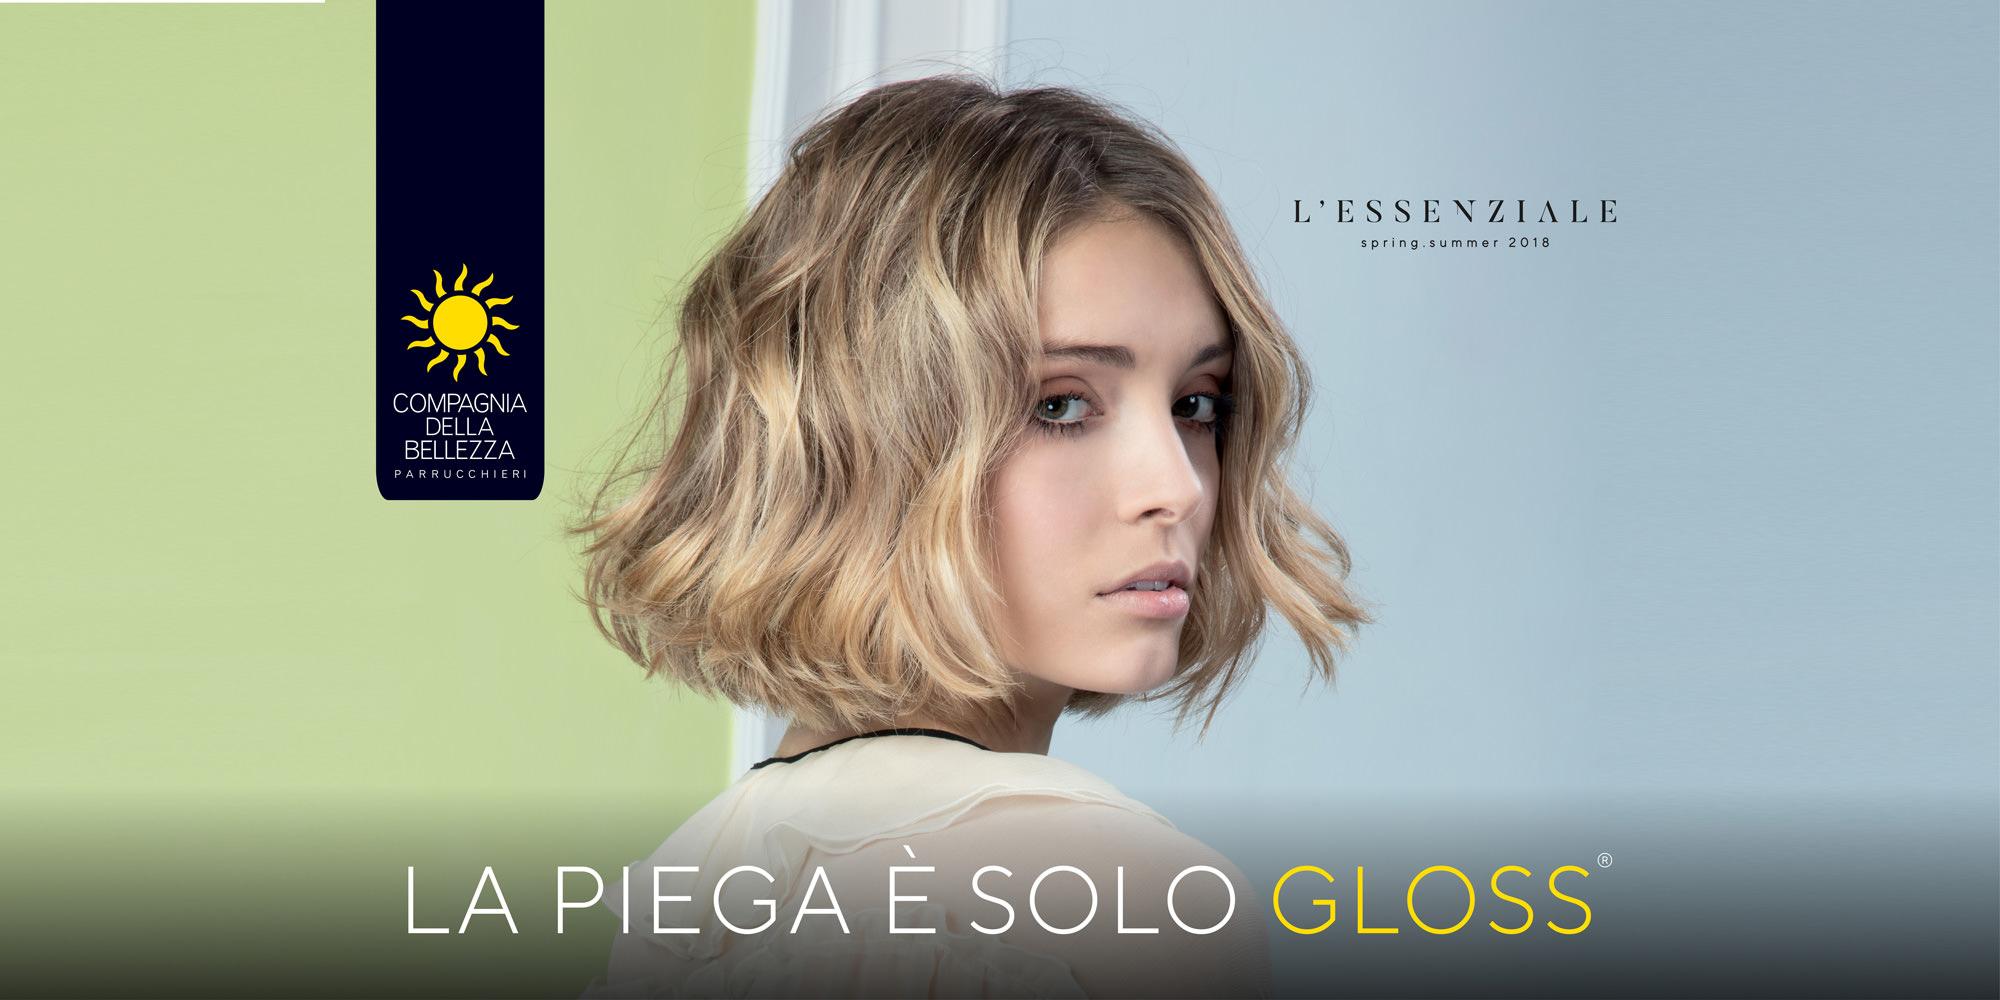 Piega-Gloss-CoverITA-L'essenziale-Collezione-Primavera-Estate-2018-©-Compagnia-Della-Bellezza